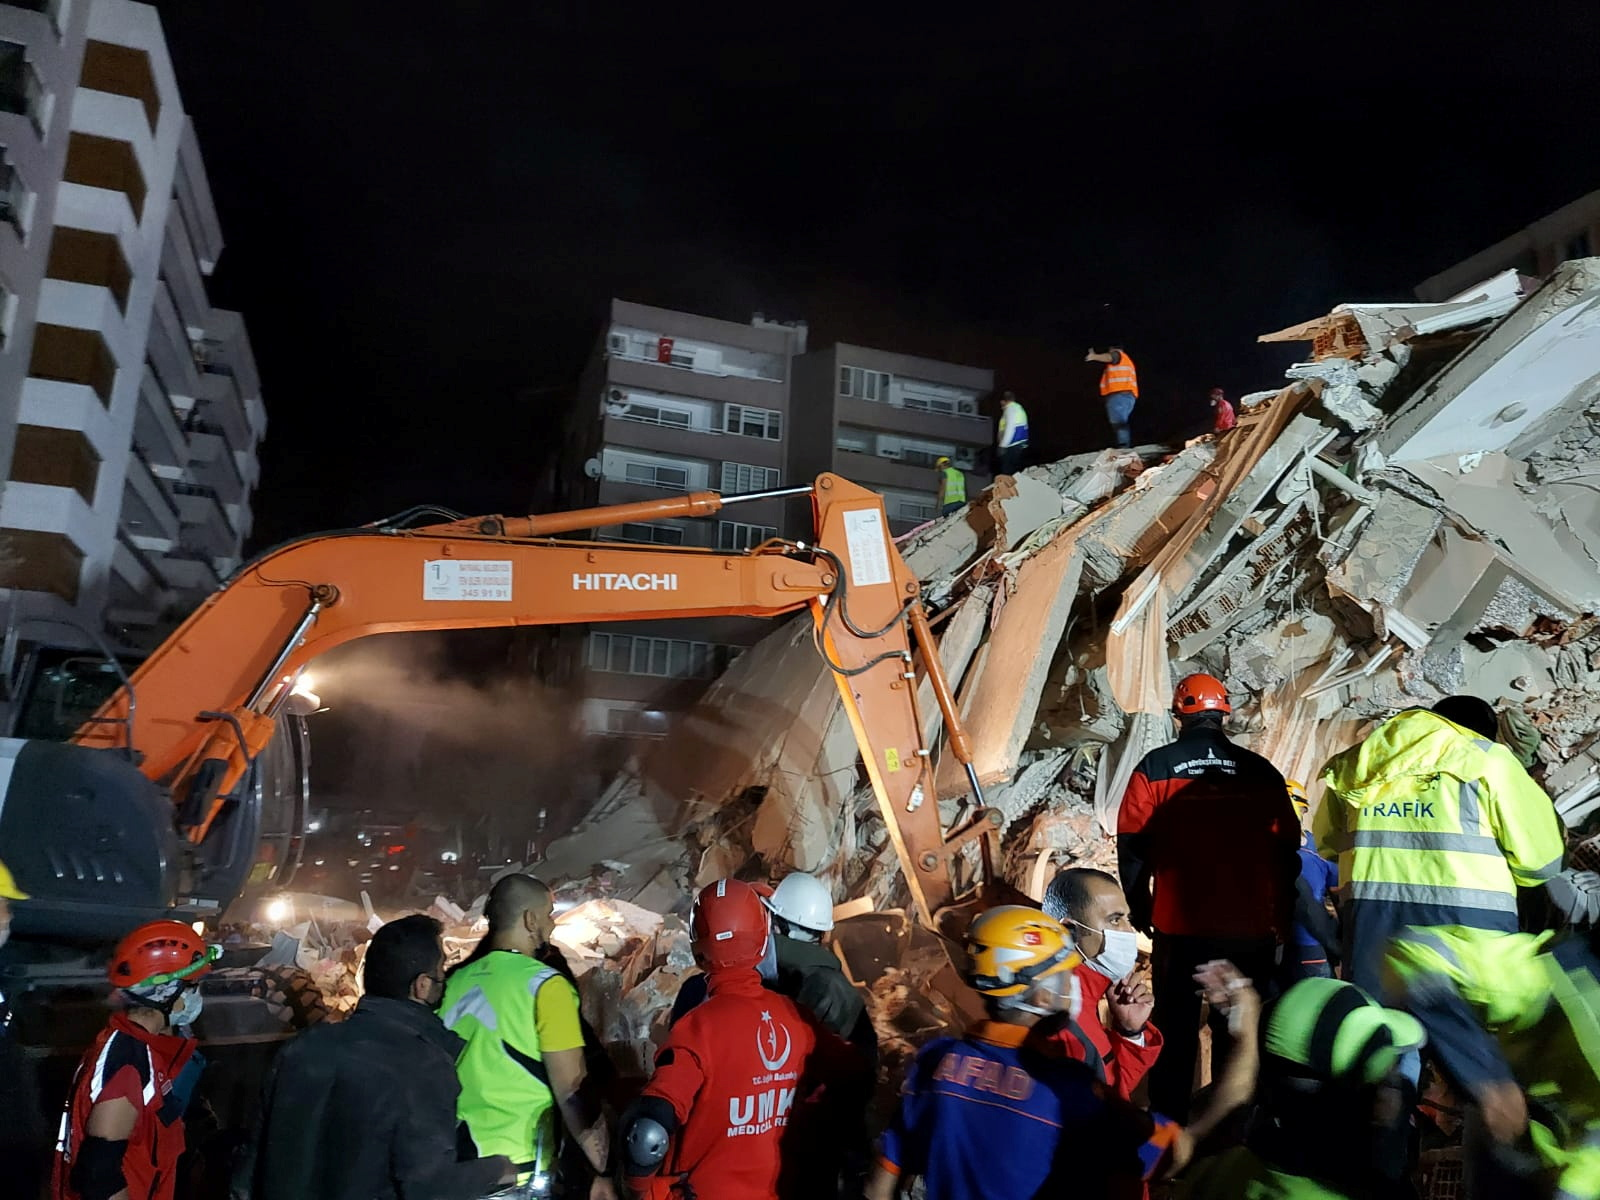 Σεισμός: Αυξάνονται συνεχώς οι νεκροί στη Σμύρνη – Πάνω από 700 τραυματίες (pics, video)